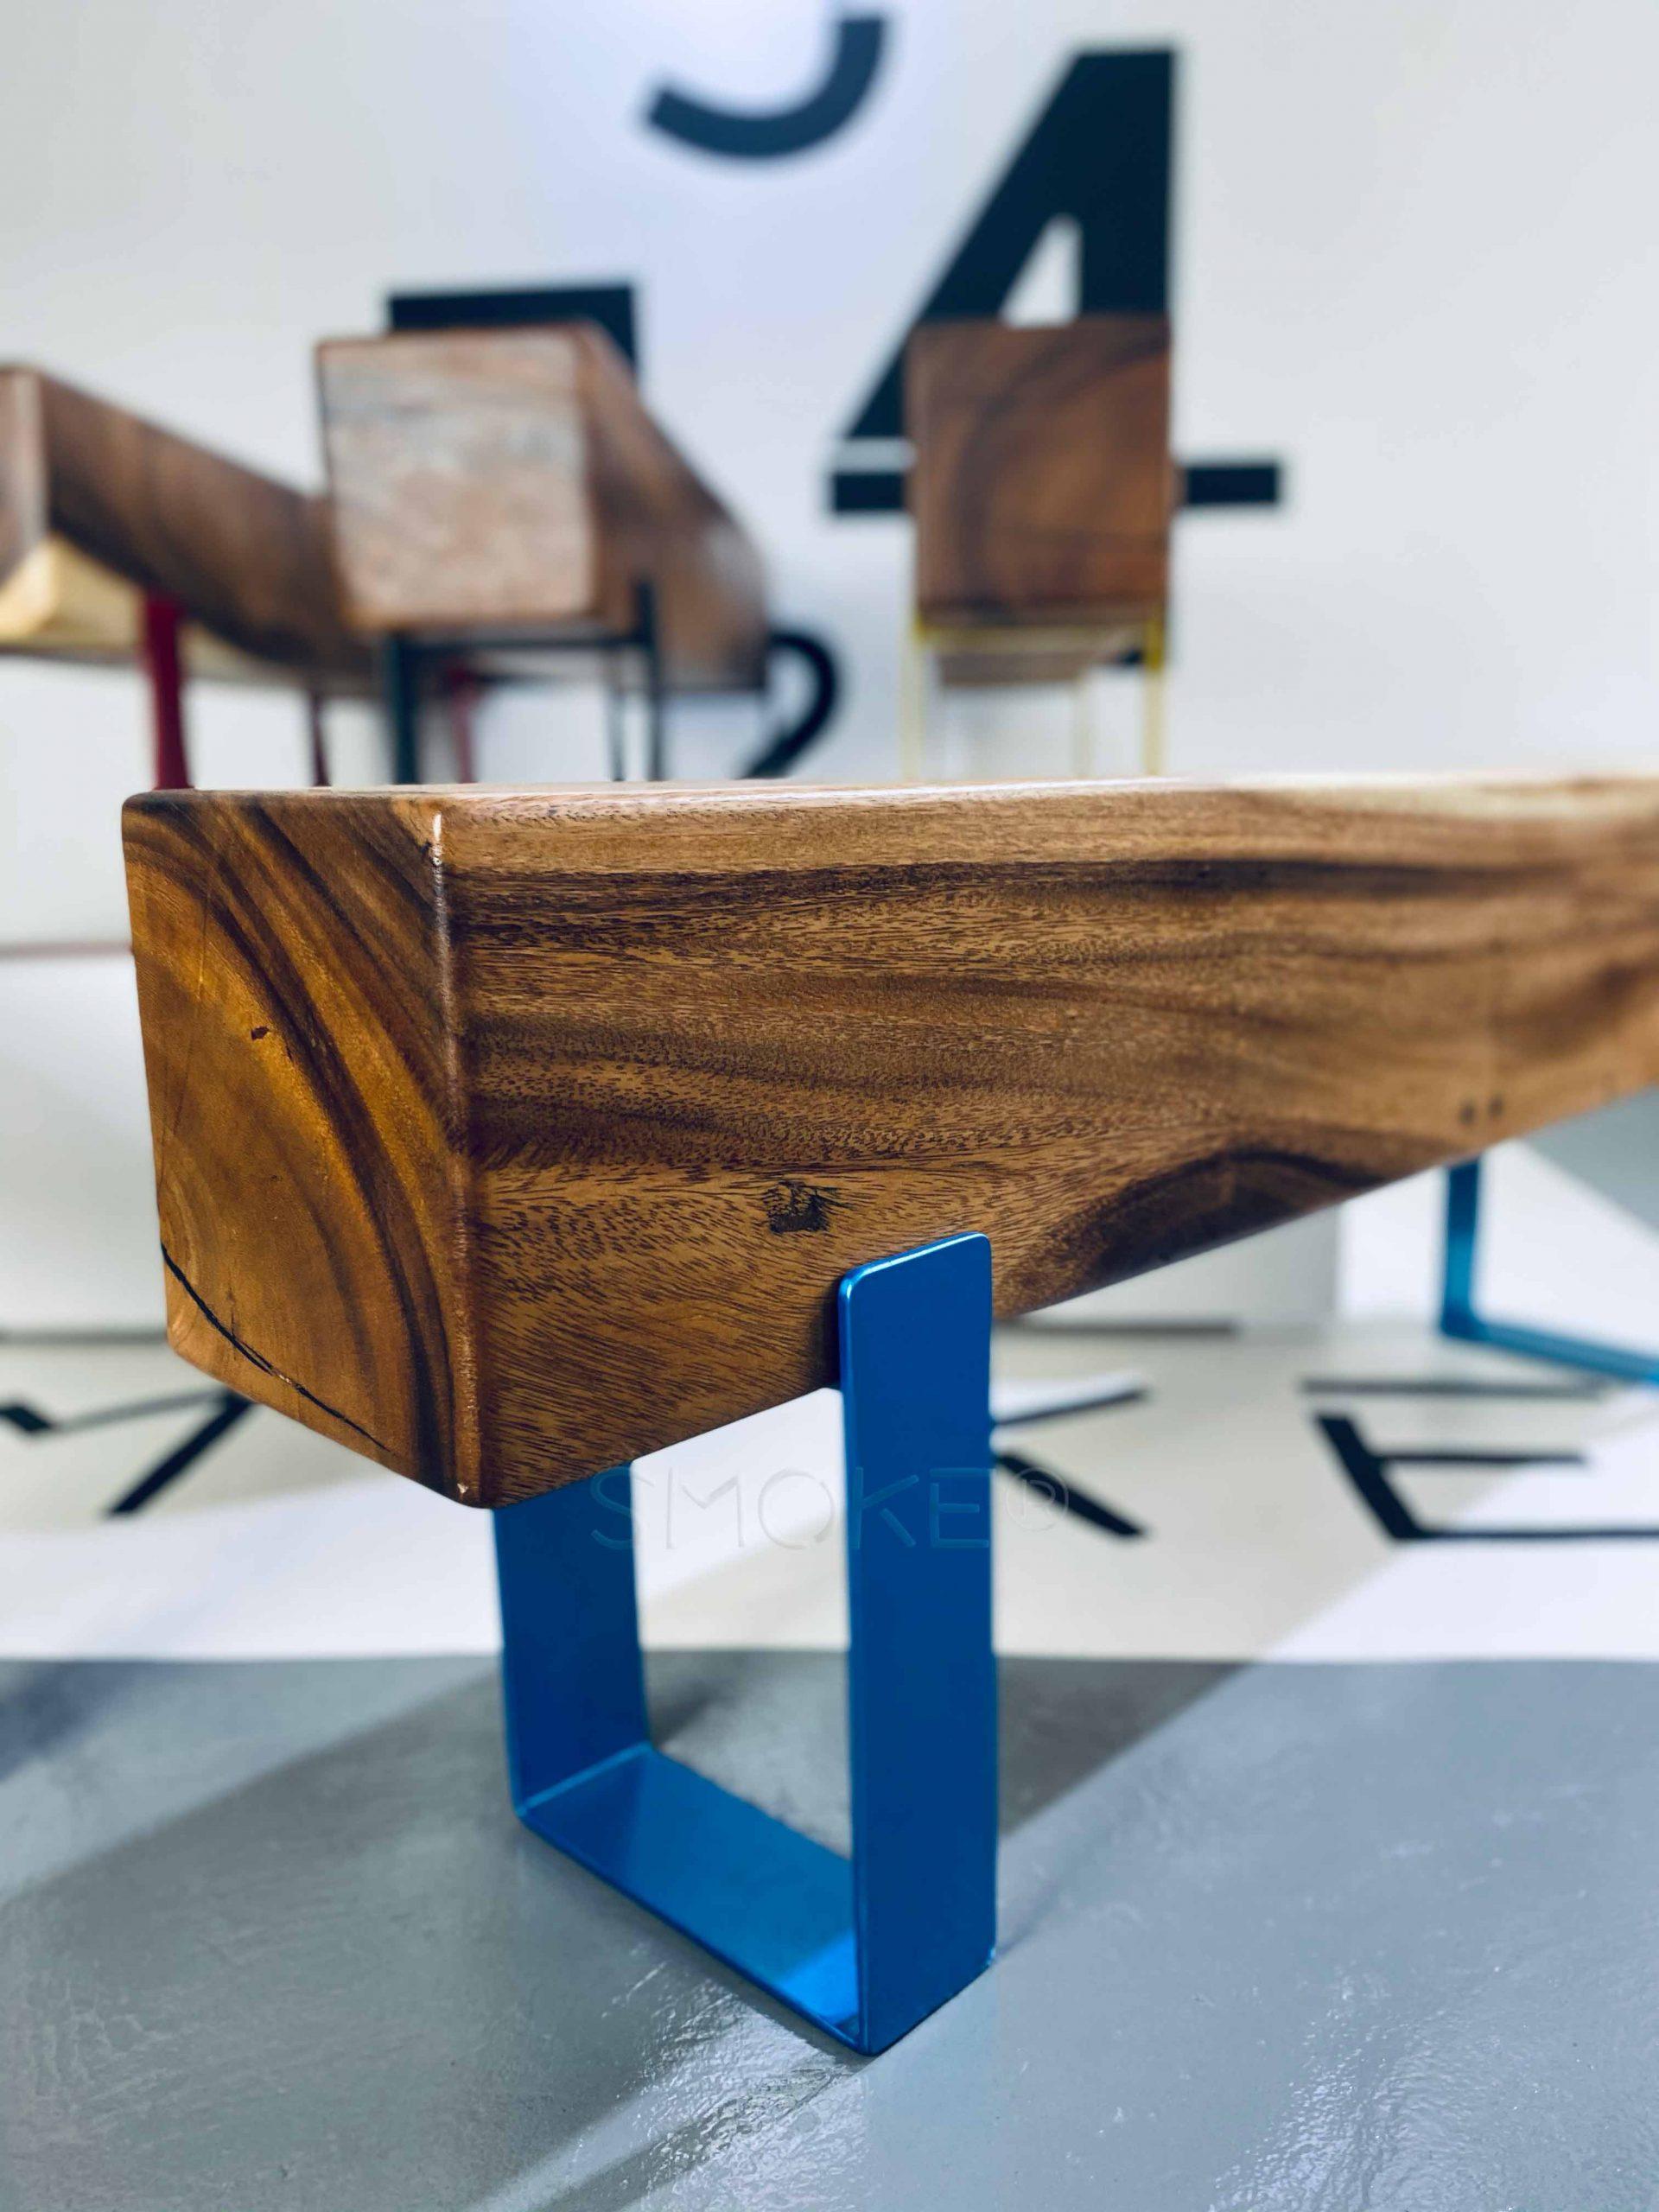 Logan Aqua Wooden Bench Perspective Display